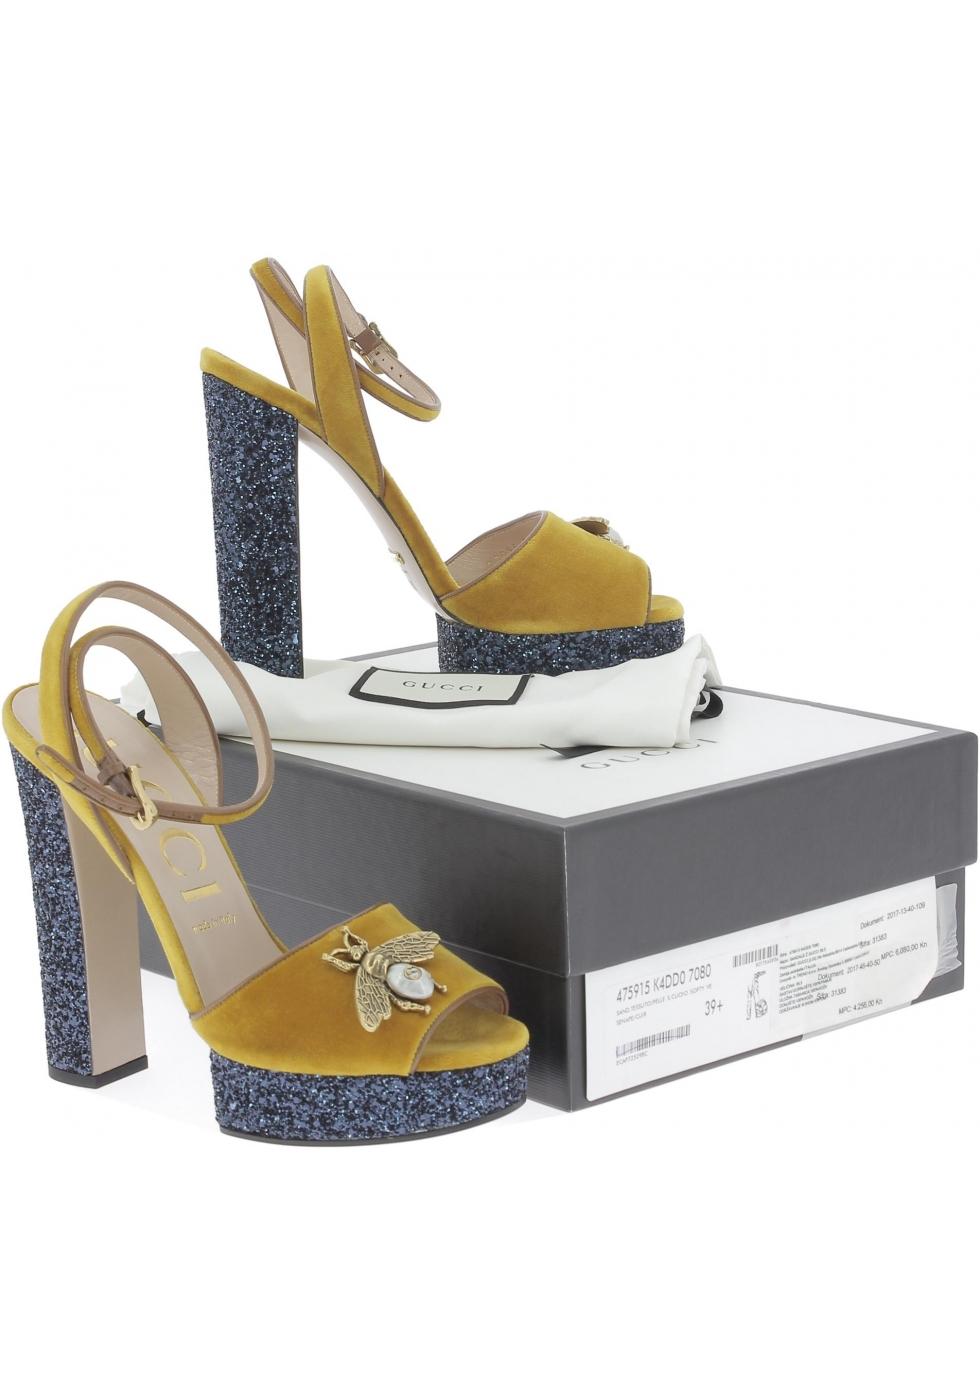 ... Gucci Sandalias para mujer en piel de becerro amarilla con plataforma  azul 74f353bb757